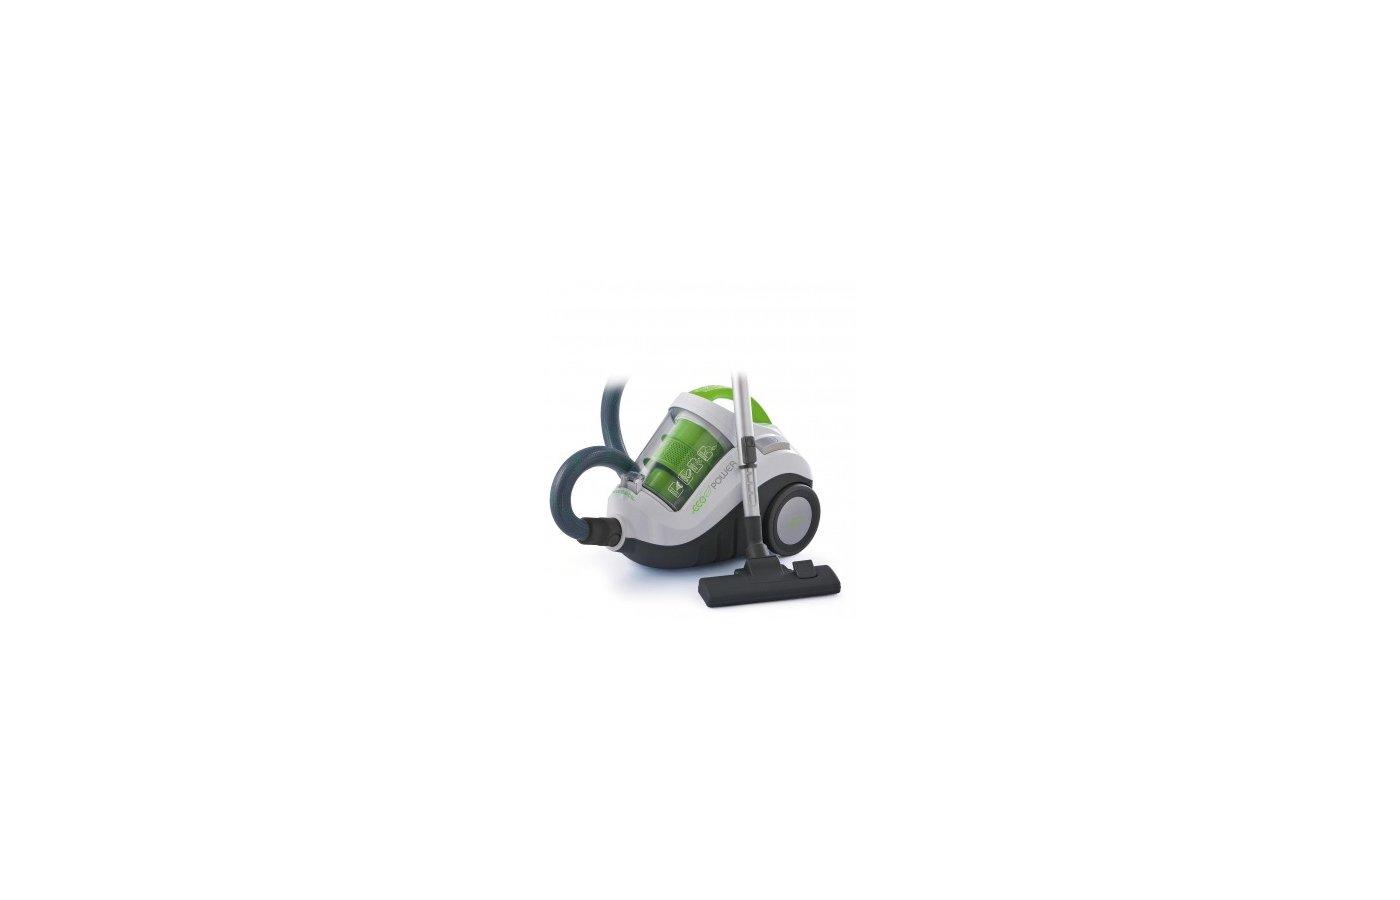 Пылесос ARIETE 2788/2 Eco Power